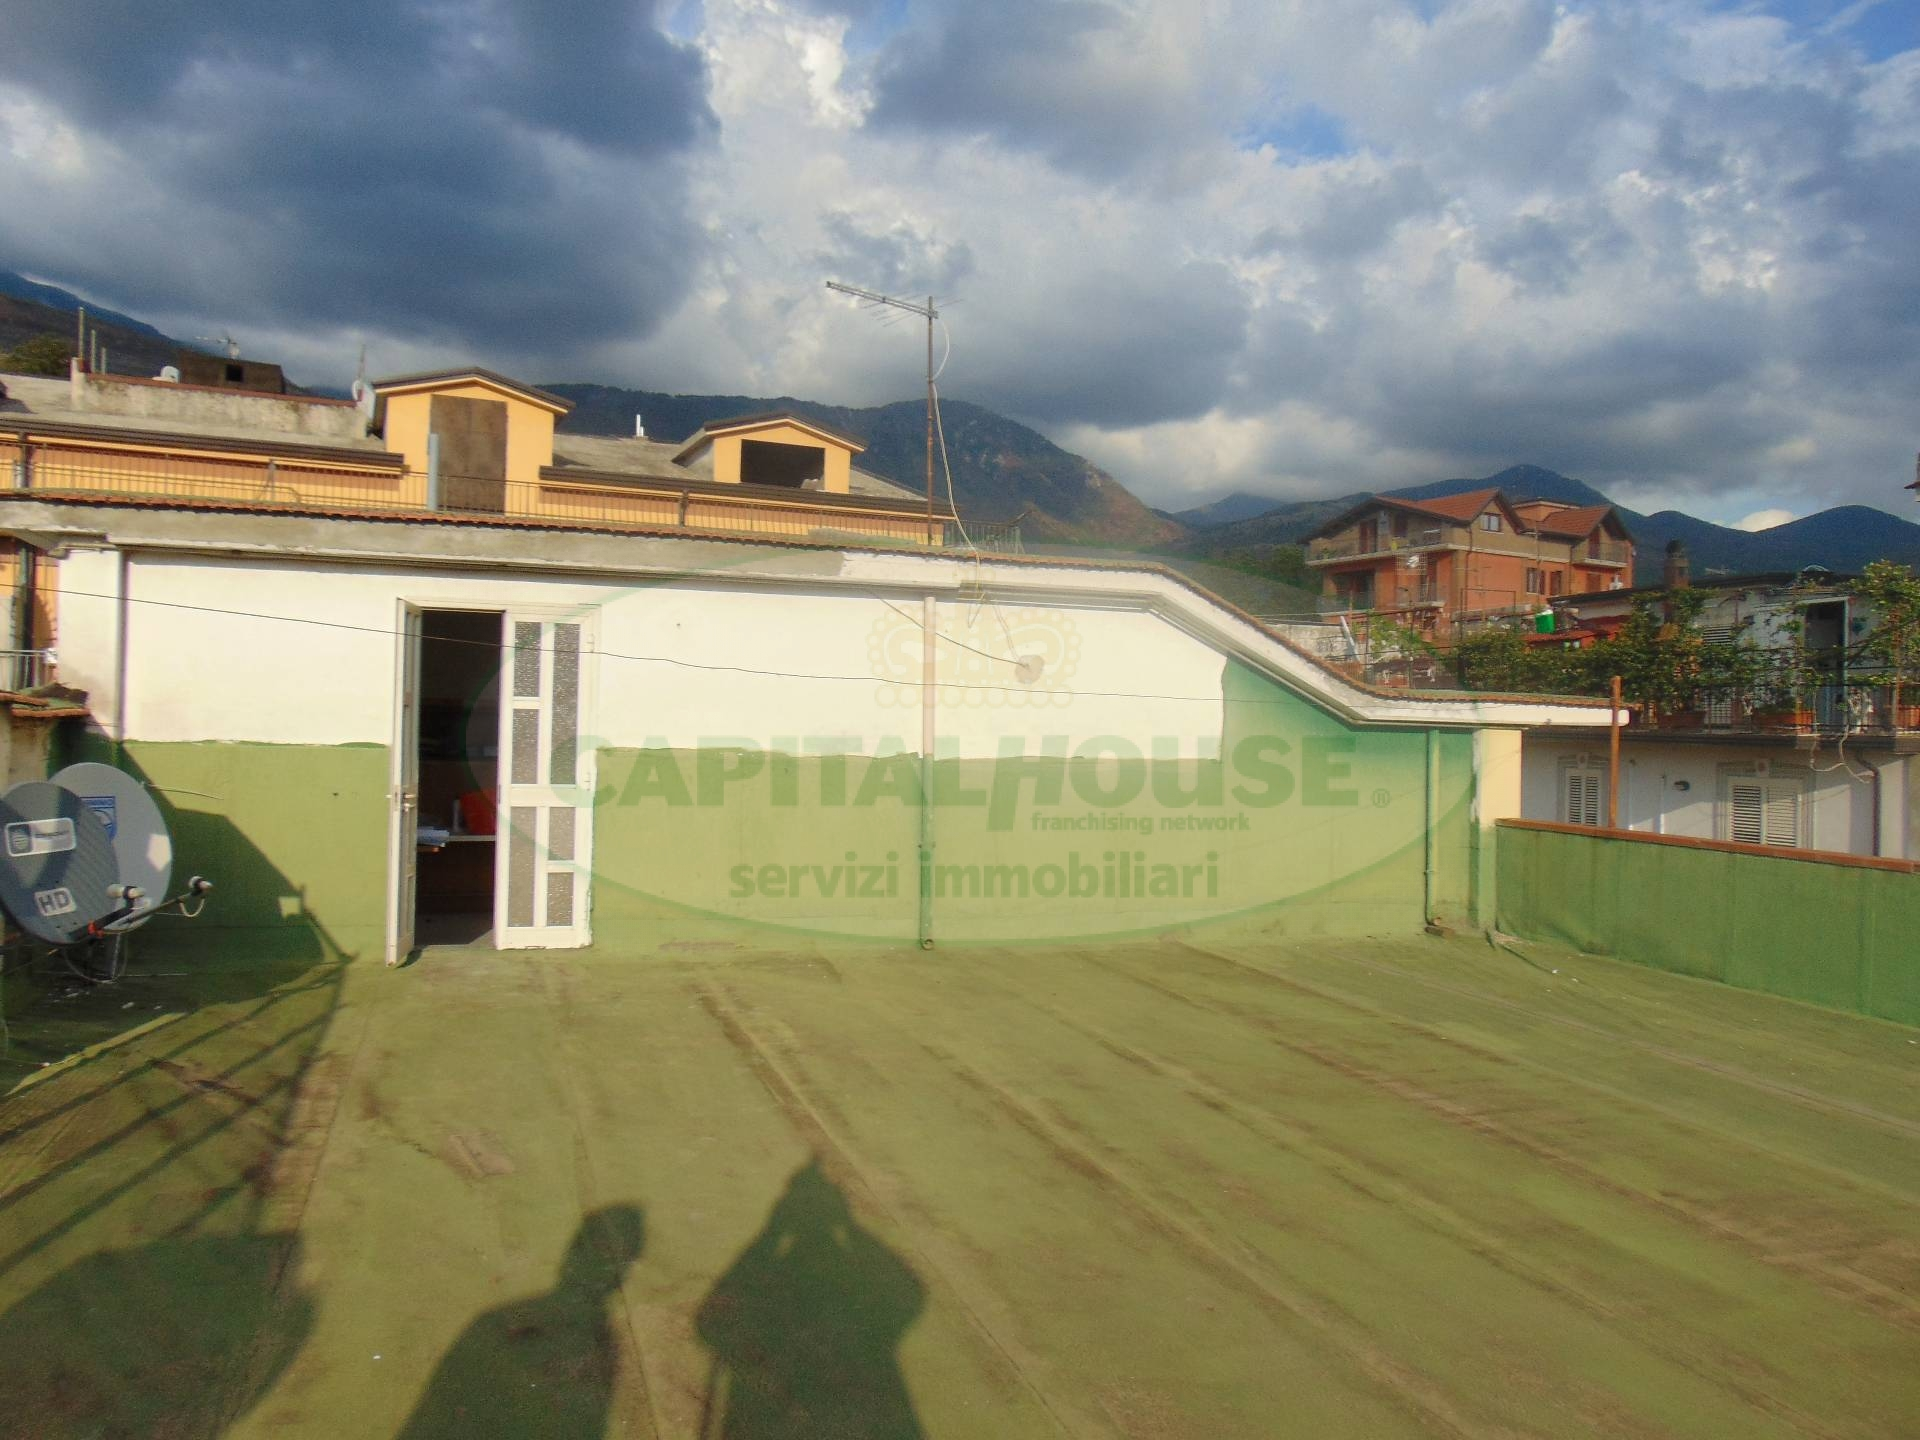 Appartamento in vendita a Baiano, 3 locali, prezzo € 65.000 | CambioCasa.it